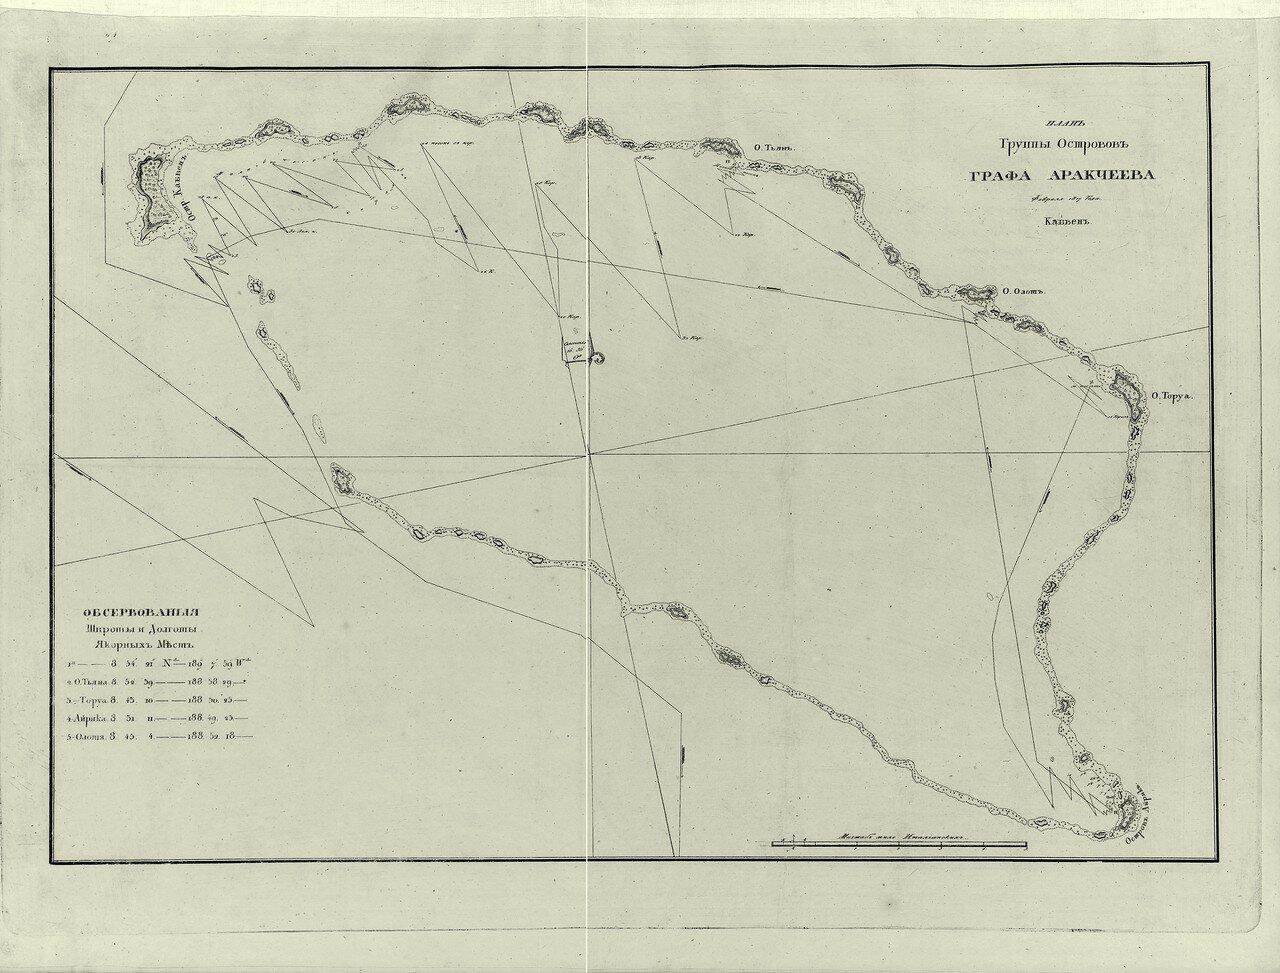 15. План группы островов Графа Аракчеева. Февраля 1817 года.